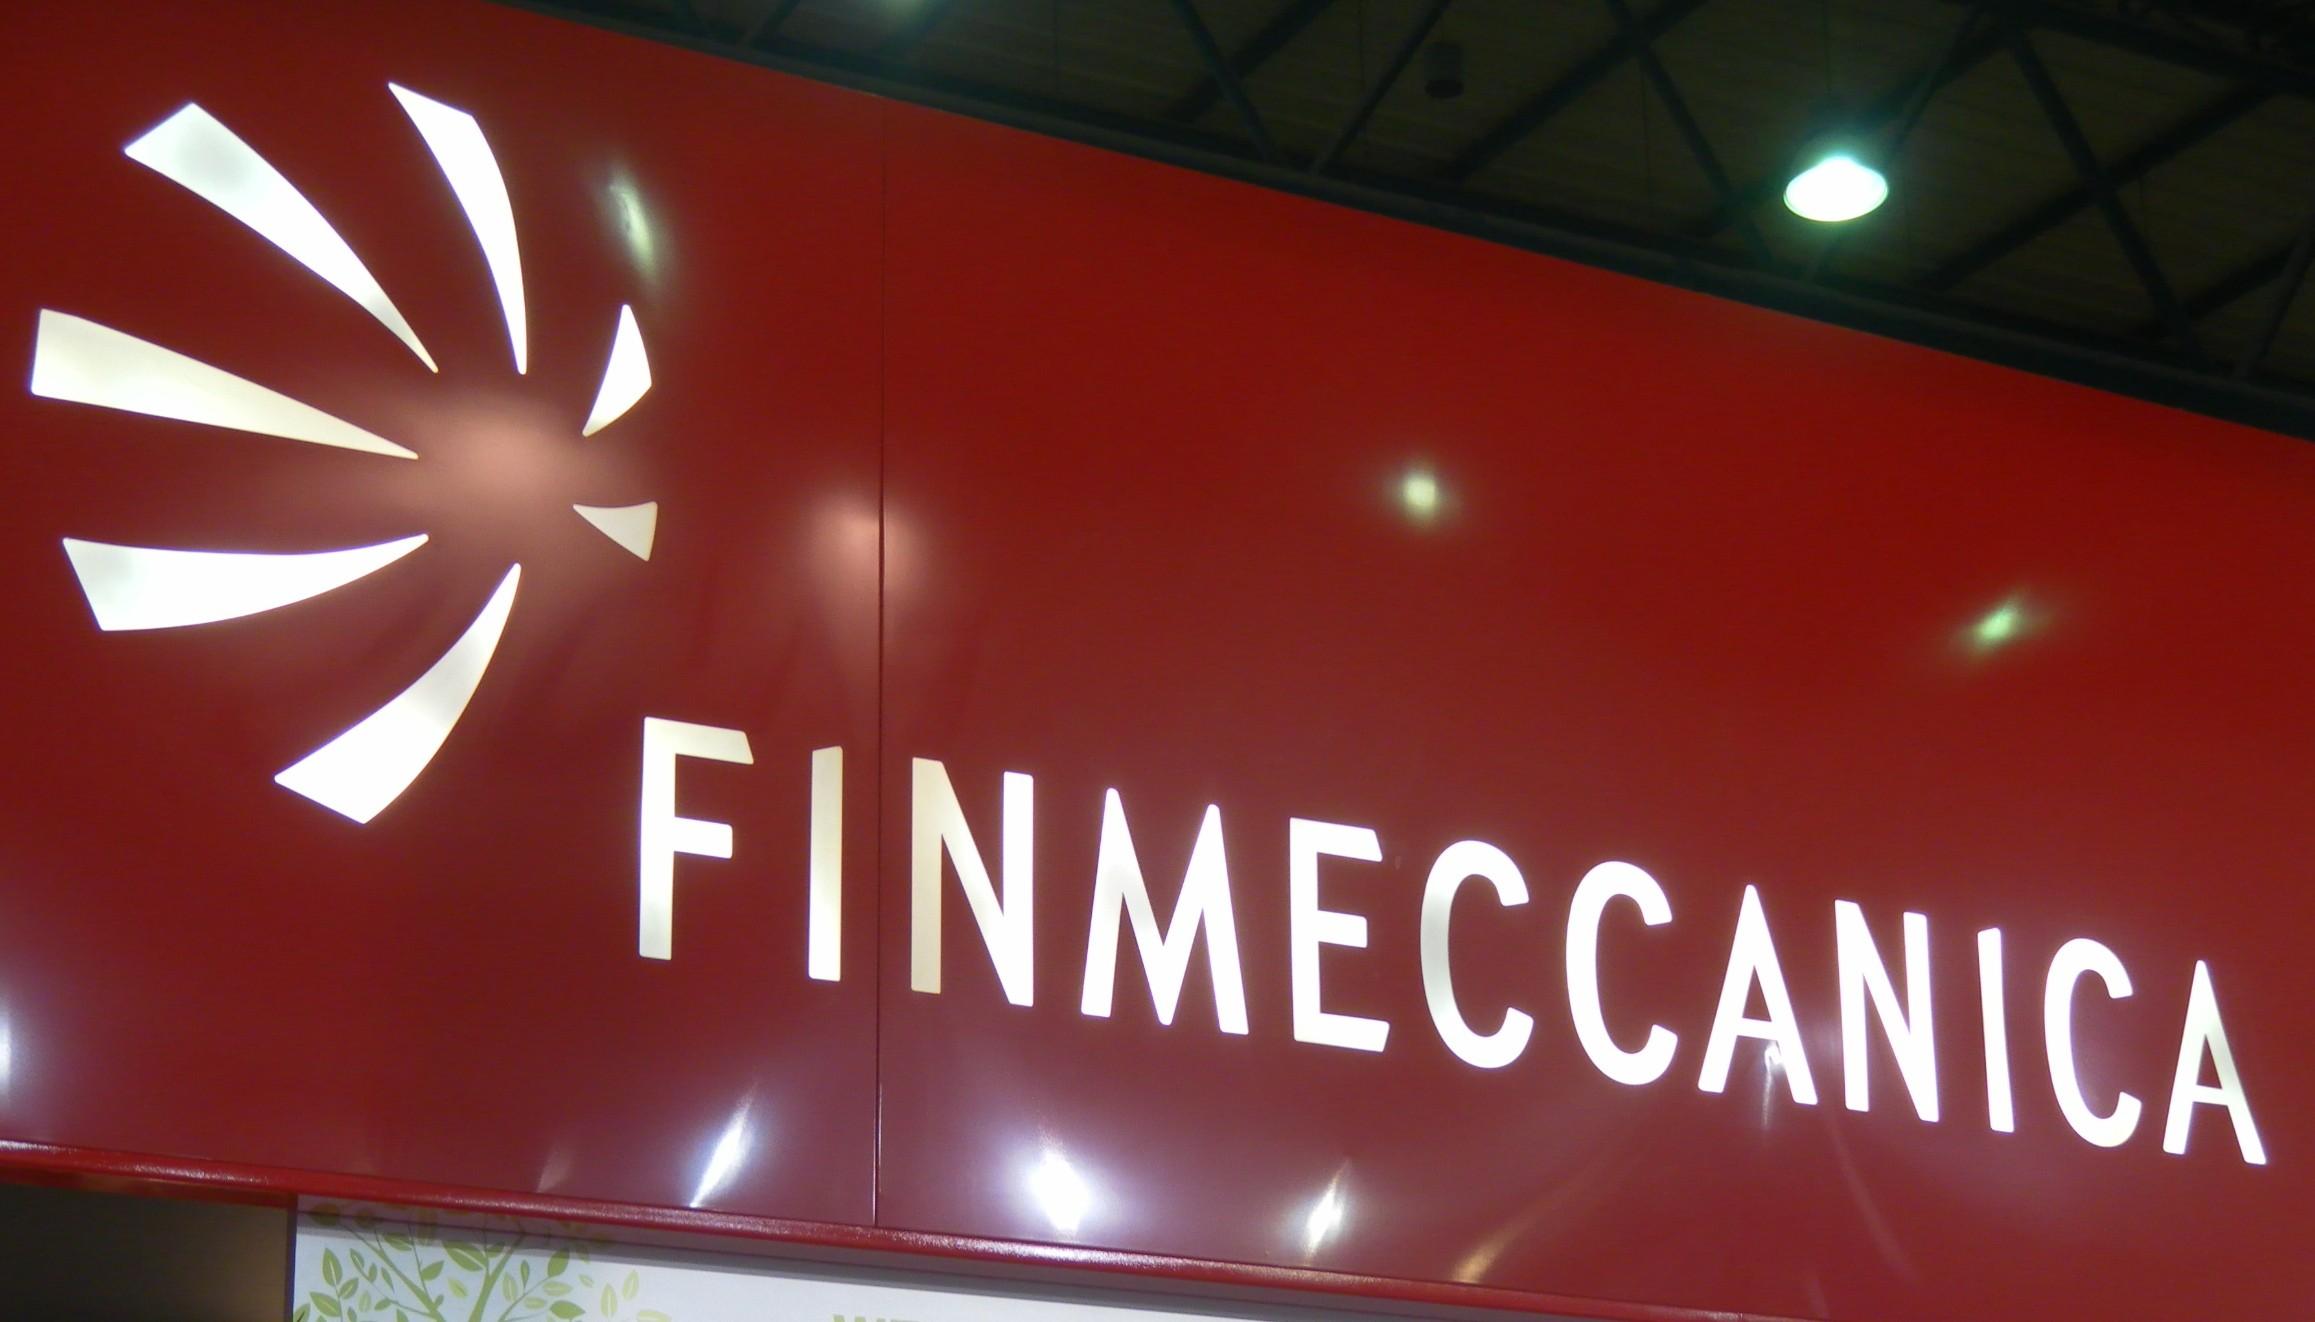 Dal 2016 Finmeccanica diventerà una società unica